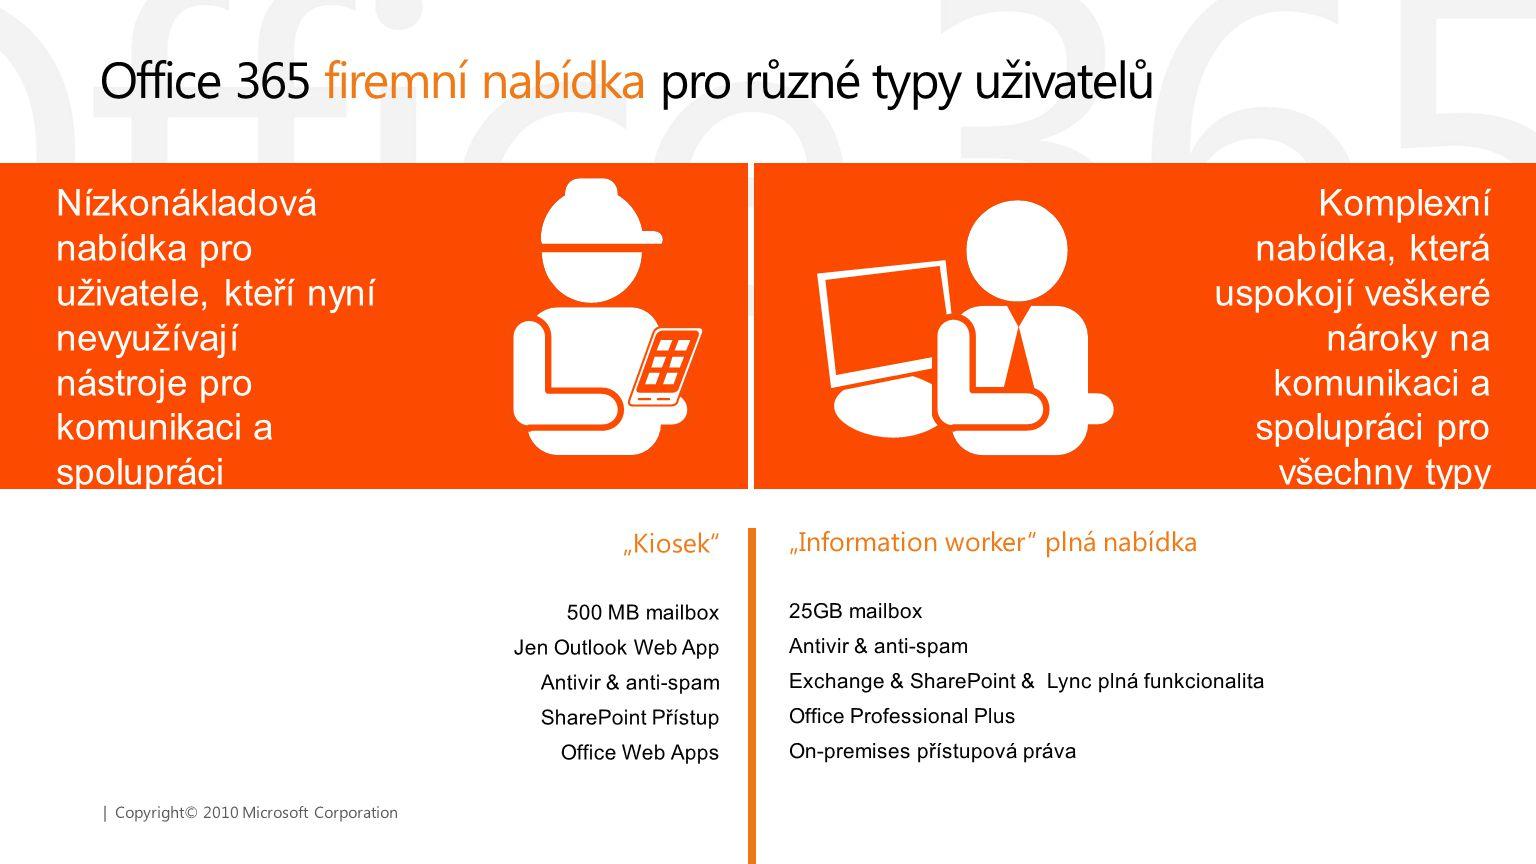 Office 365 firemní nabídka pro různé typy uživatelů